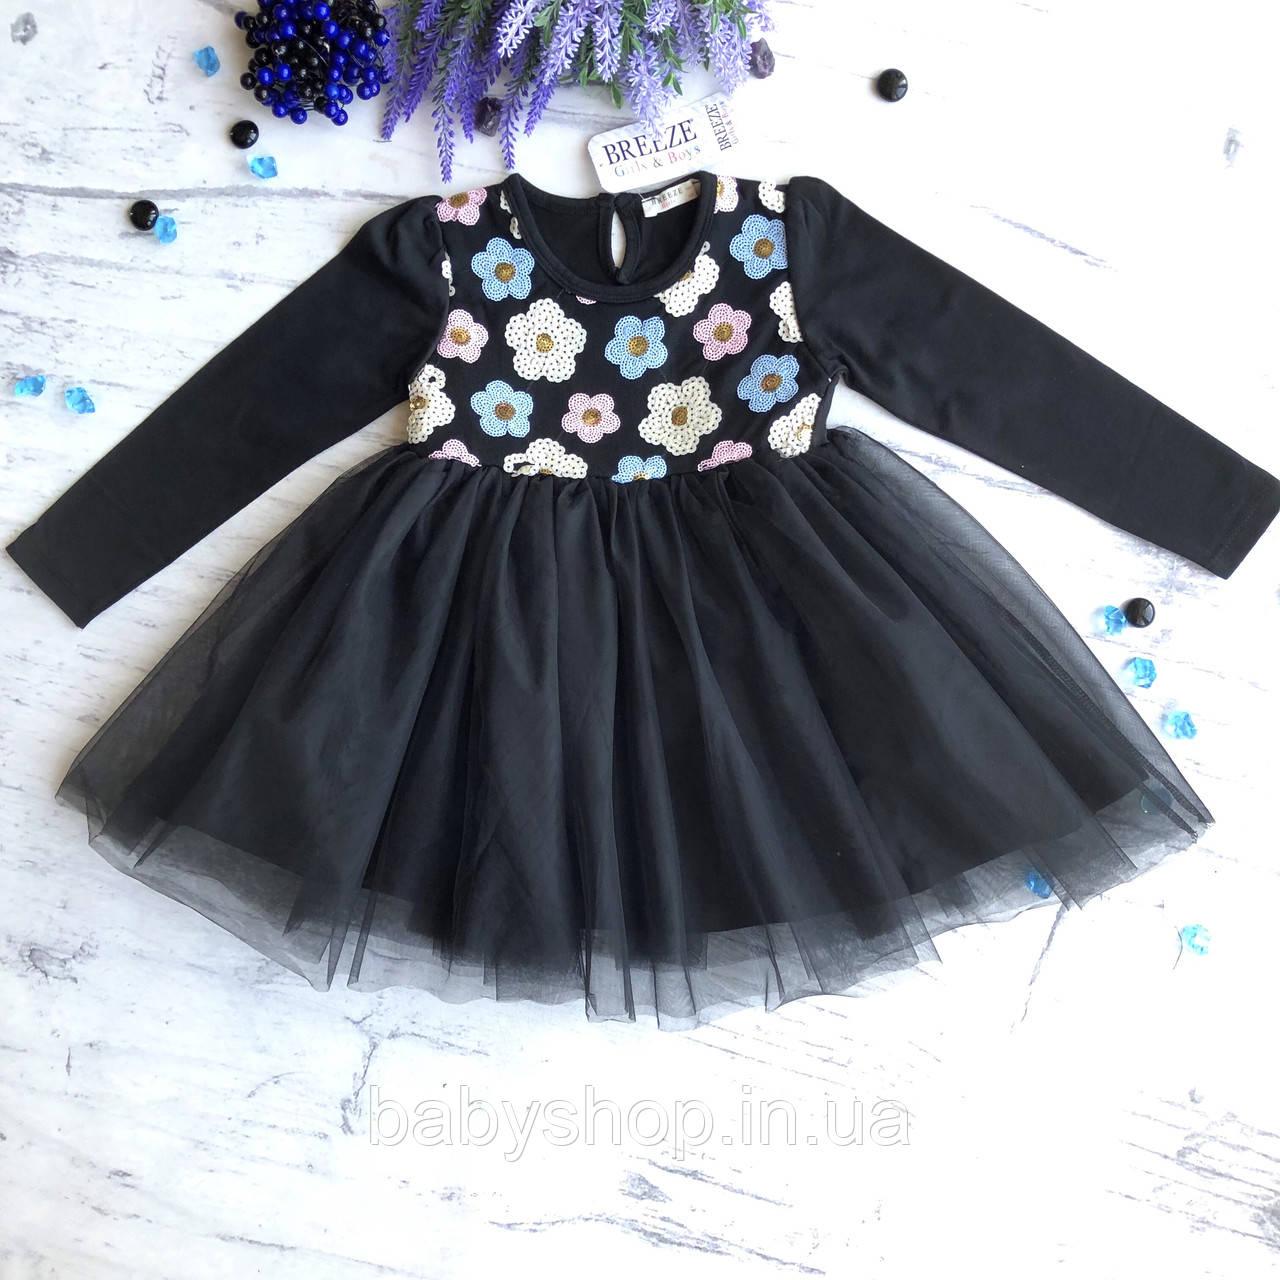 Пышное детское платье на девочку Breeze 123. Размер 104 см, 110 см,  116 с (6лет), 128 см (8лет)